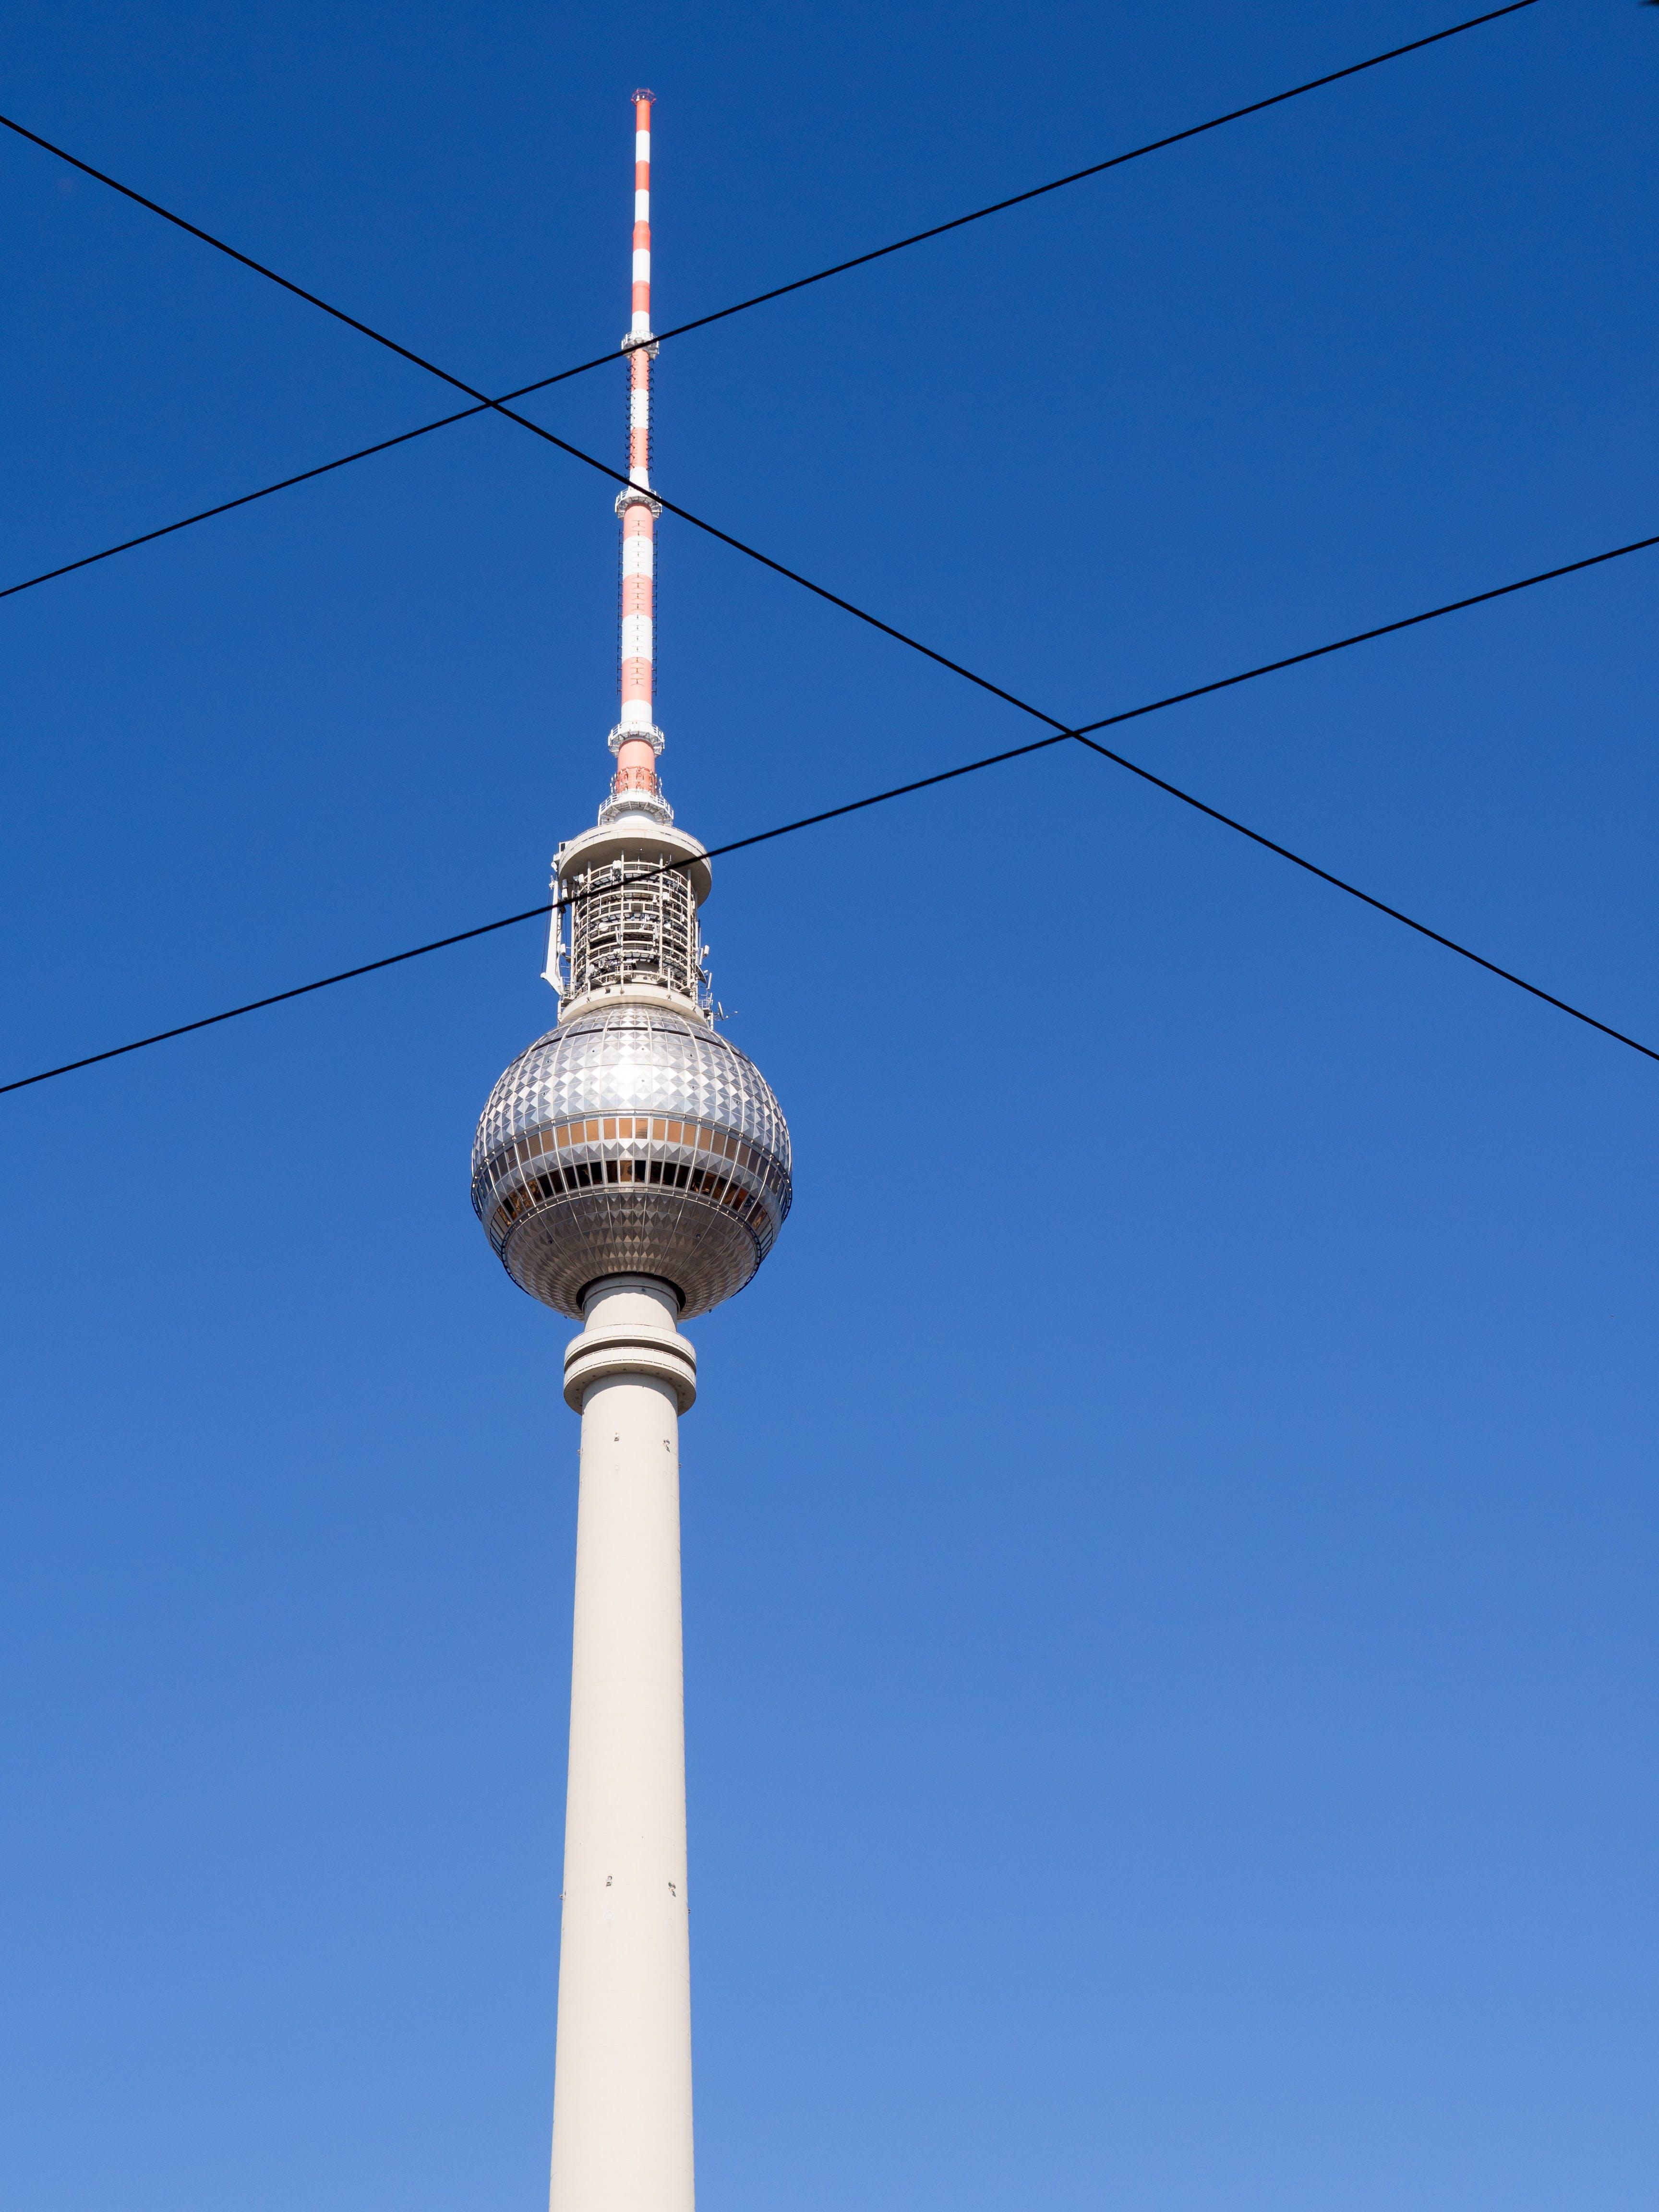 Photos gratuites de Alexanderplatz, ciel bleu, tour de télévision